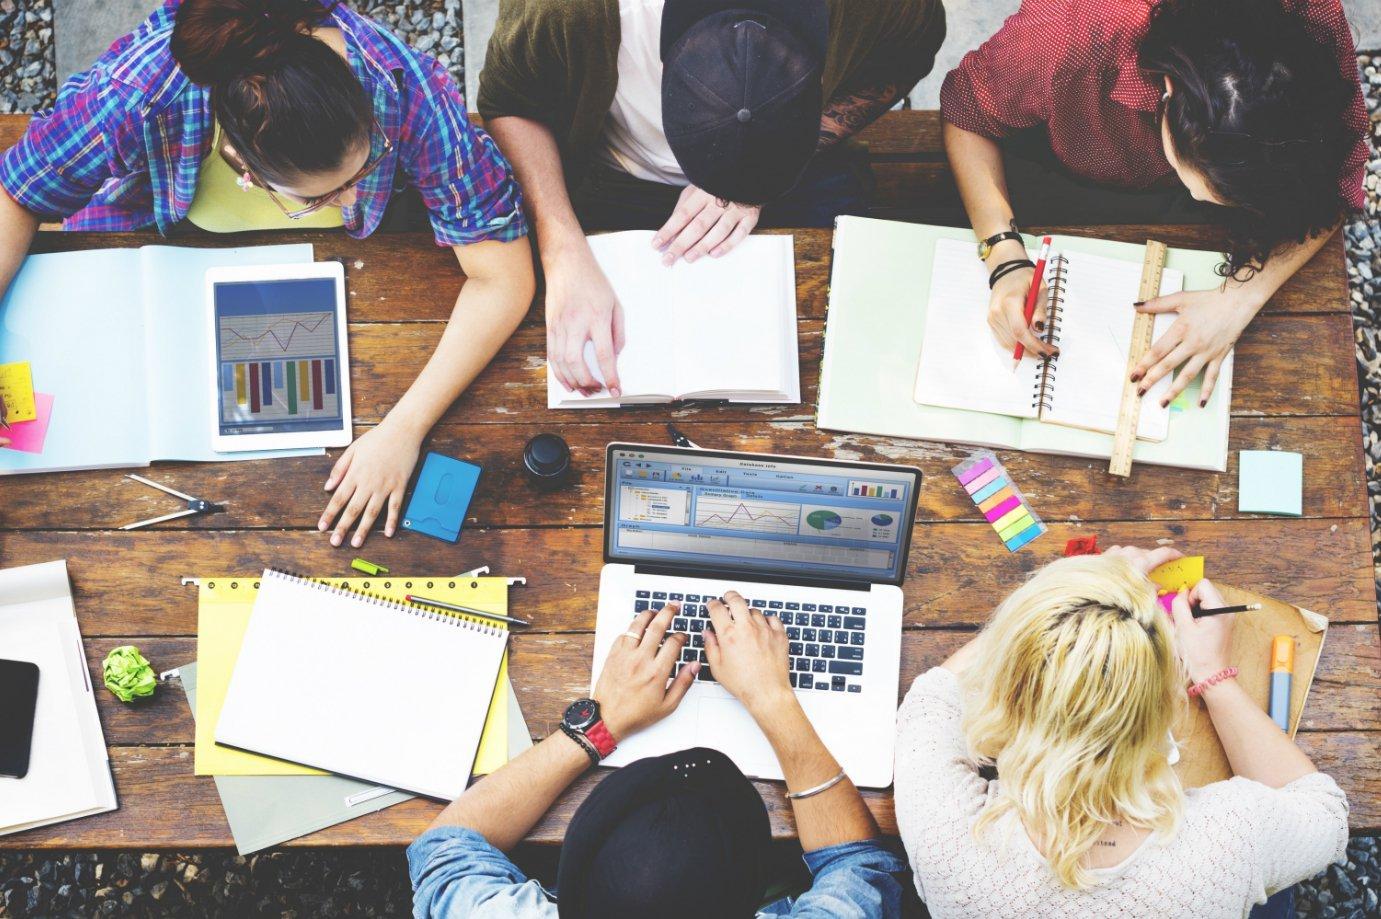 Empreendedores usam computadores, cadernos e post-its em mesa de trabalho: planejamento, reunião, startups